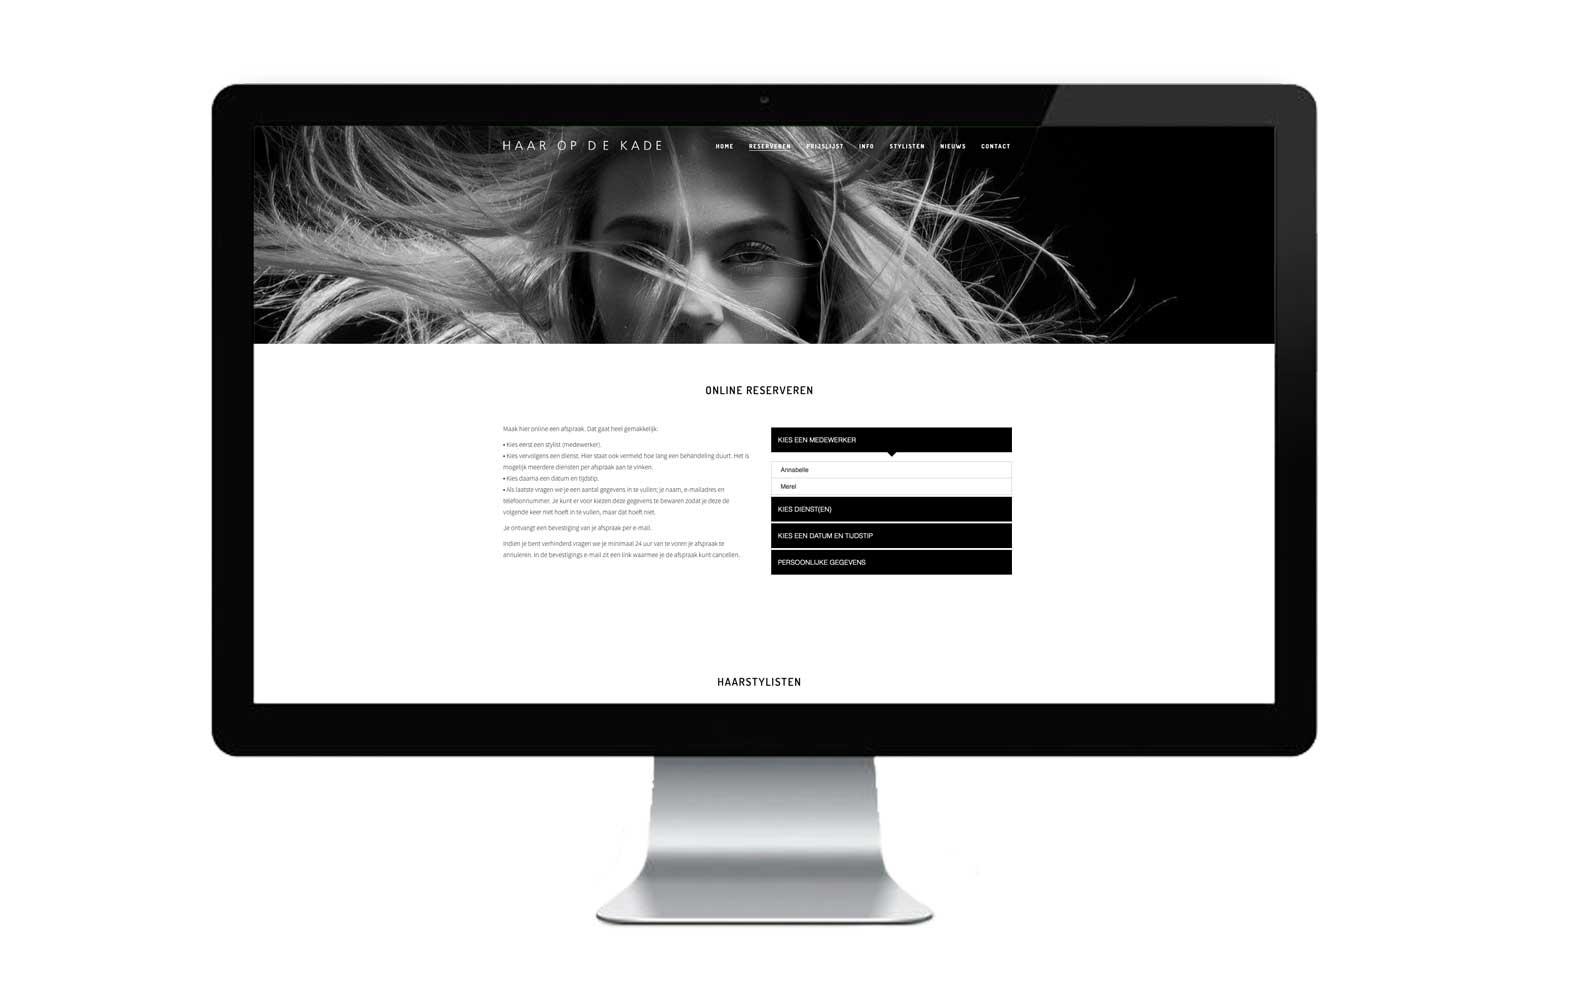 StudioErnst-WebDesign-HaaropdeKade1